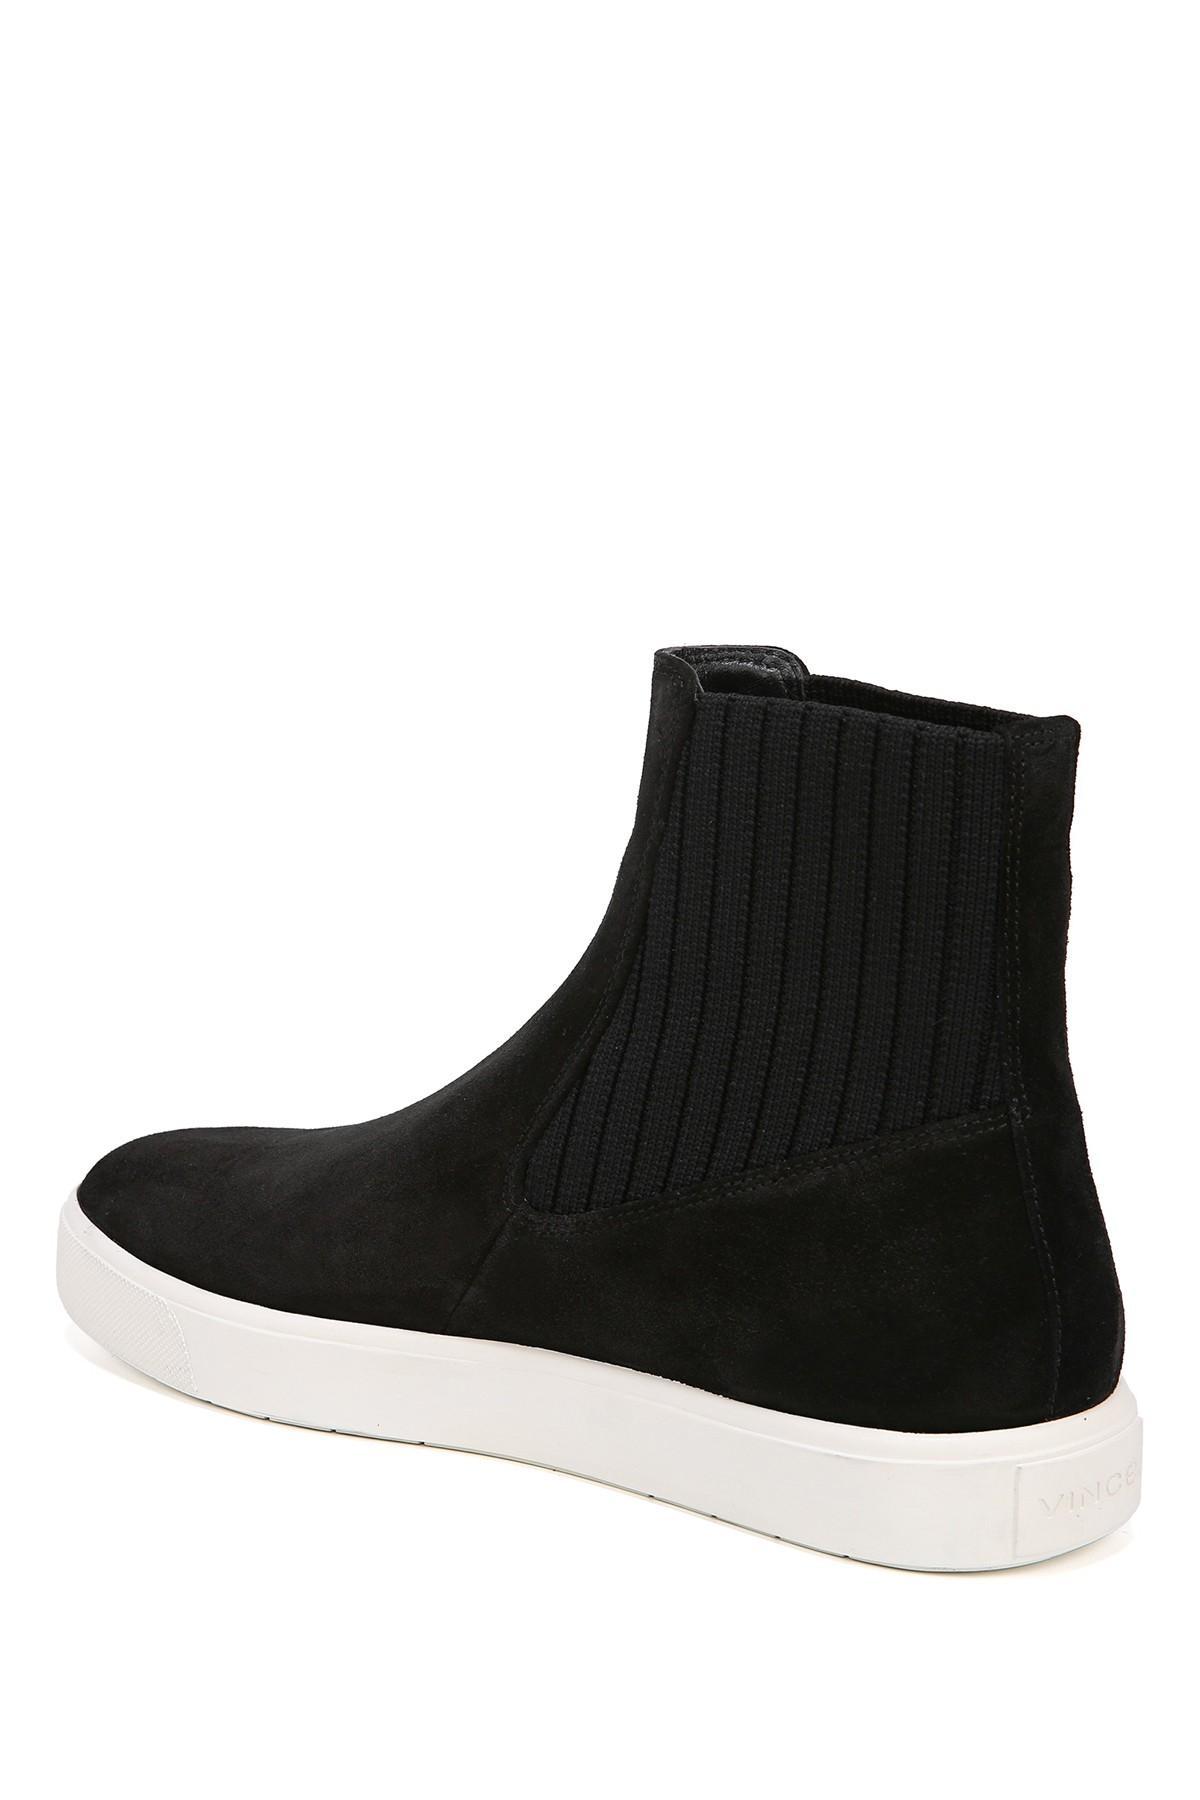 Vince Coleman High Top Sneaker in Black